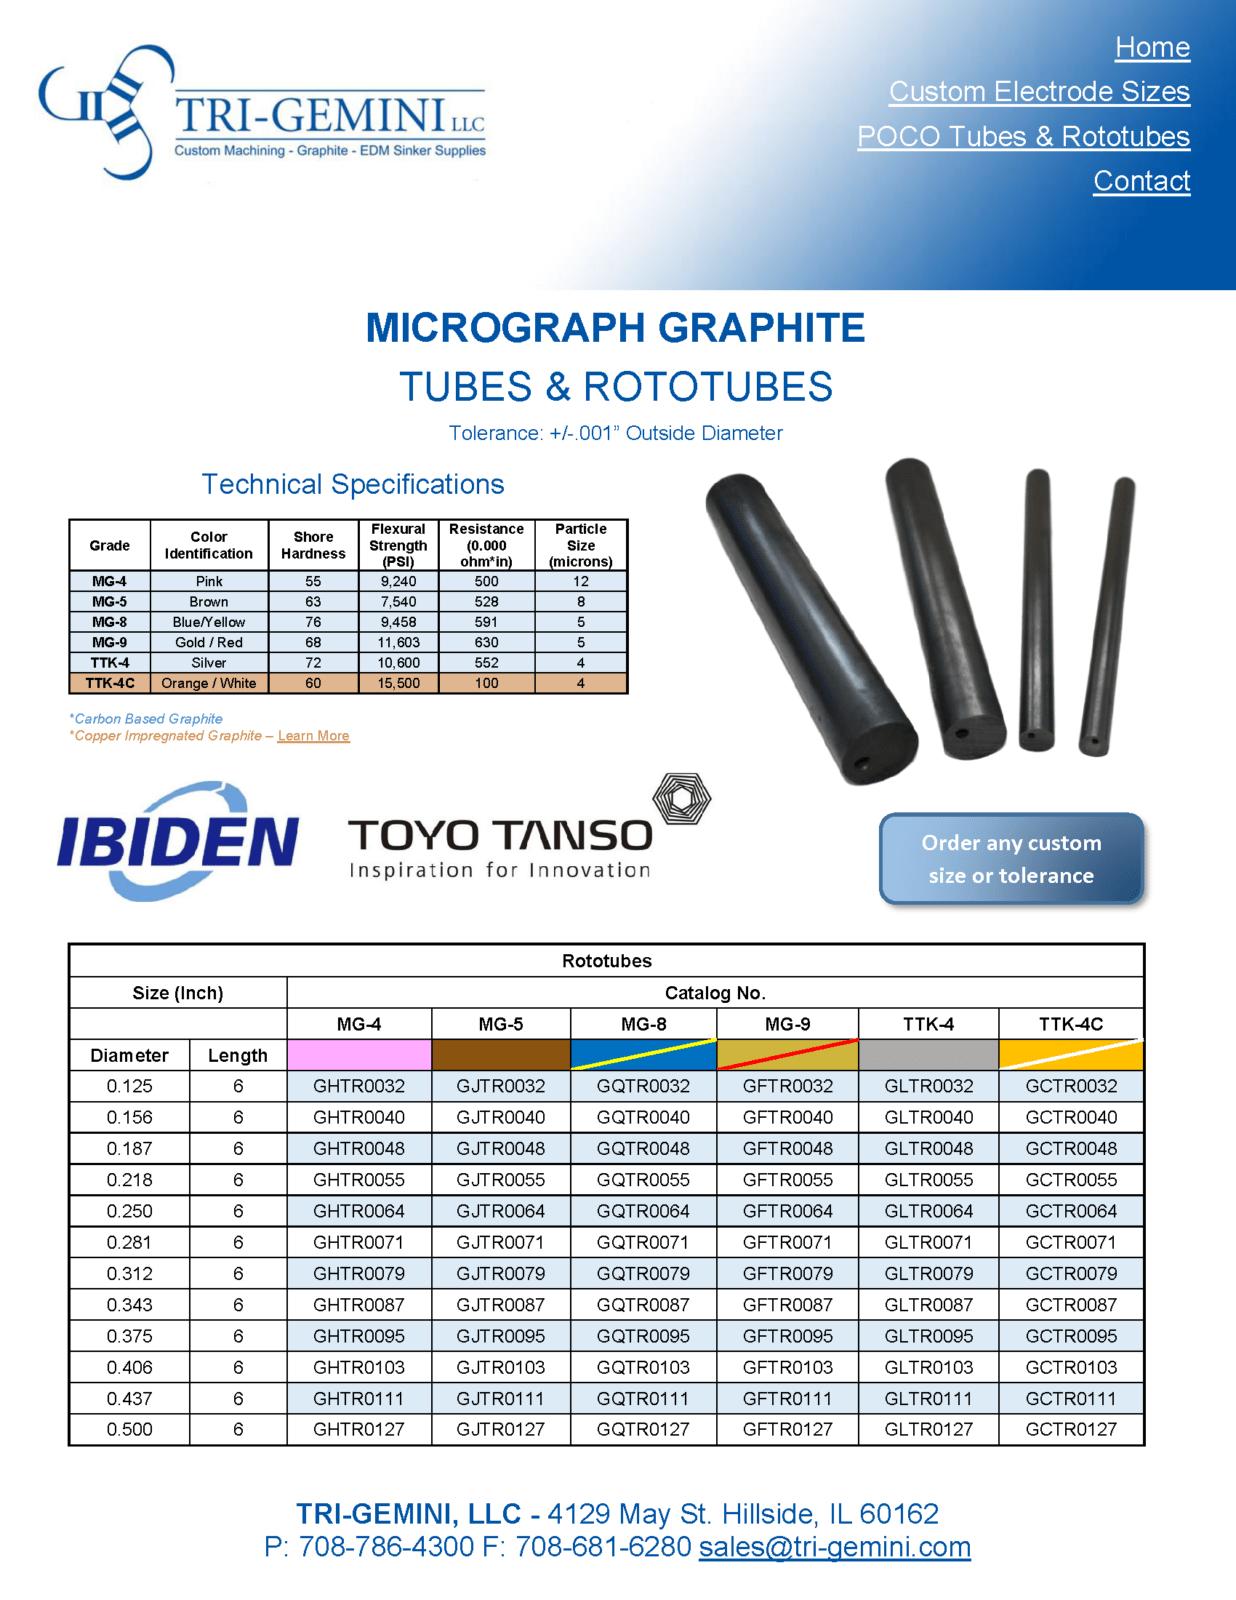 MicroGraph Tubes & RotoTubes Toyo Tanso RotoTubes & Tubes